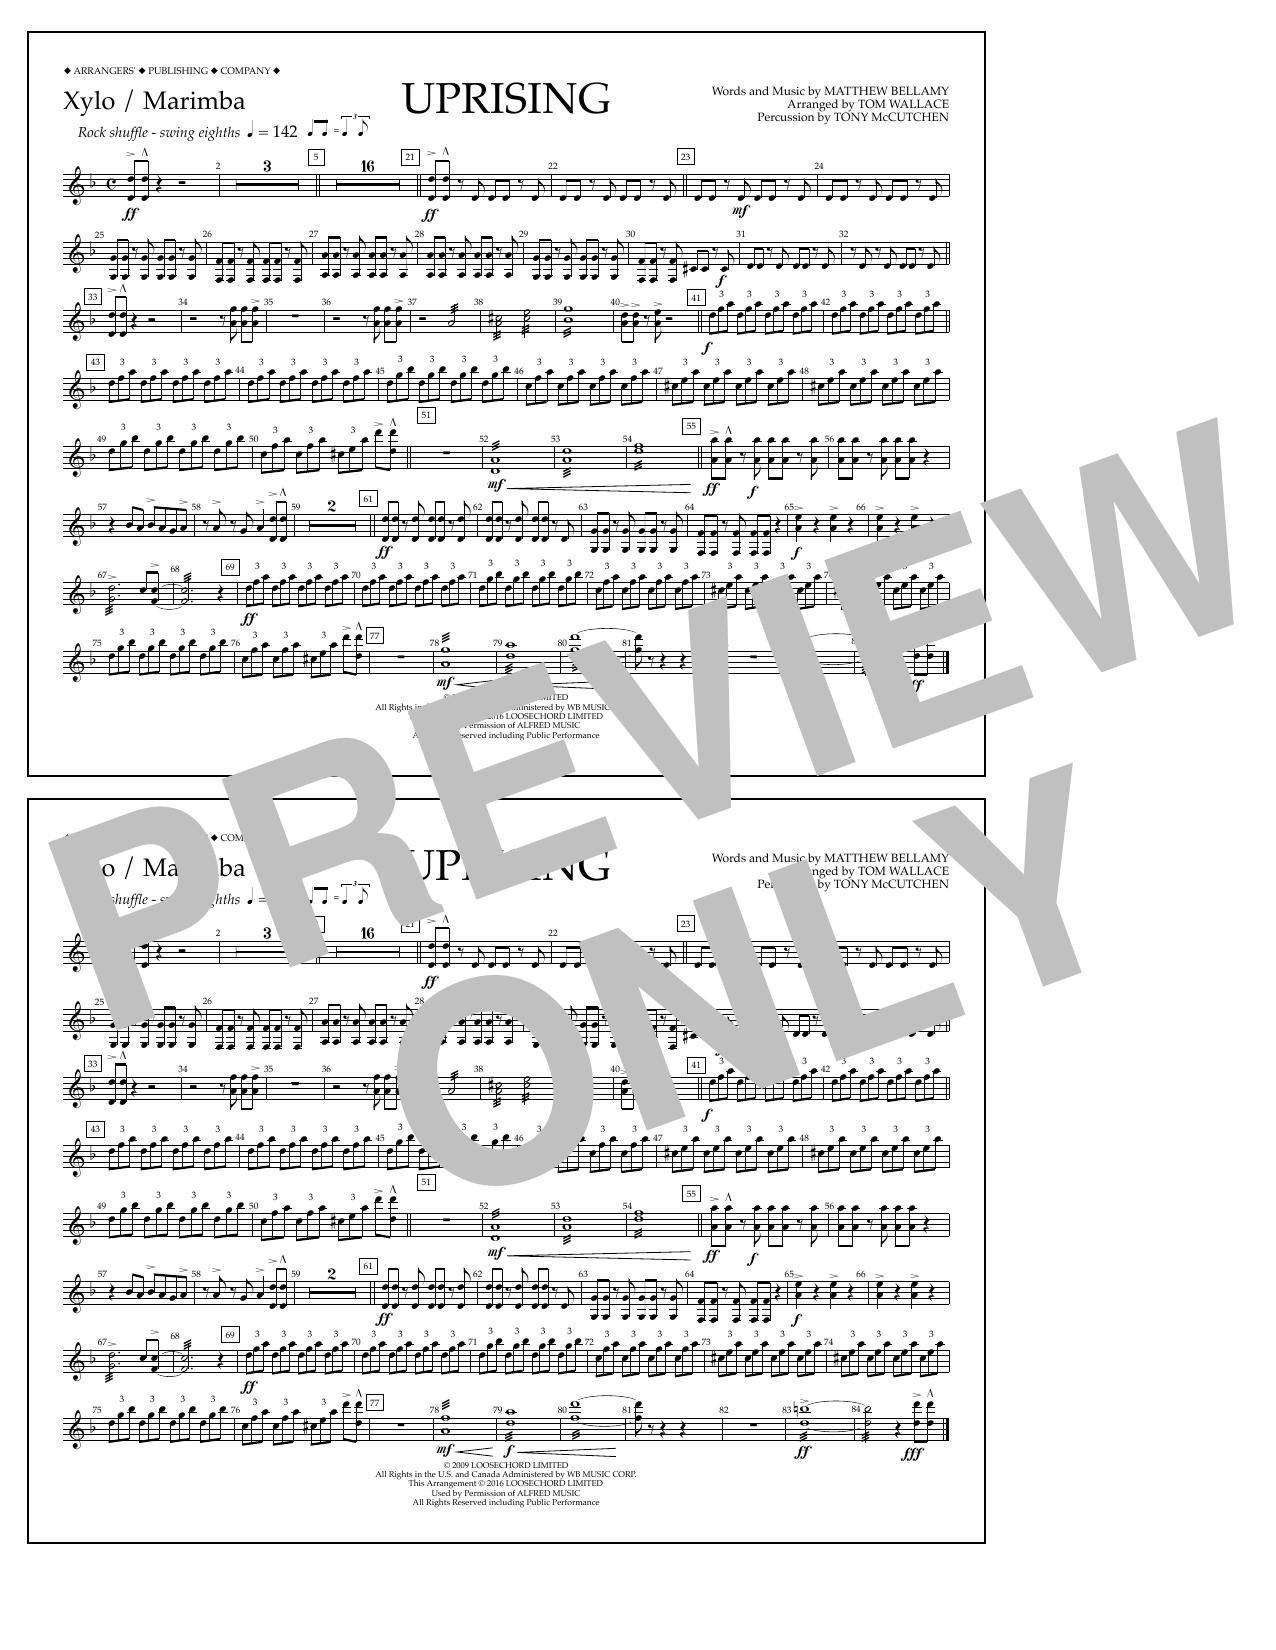 Muse - Uprising - Xylophone/Marimba